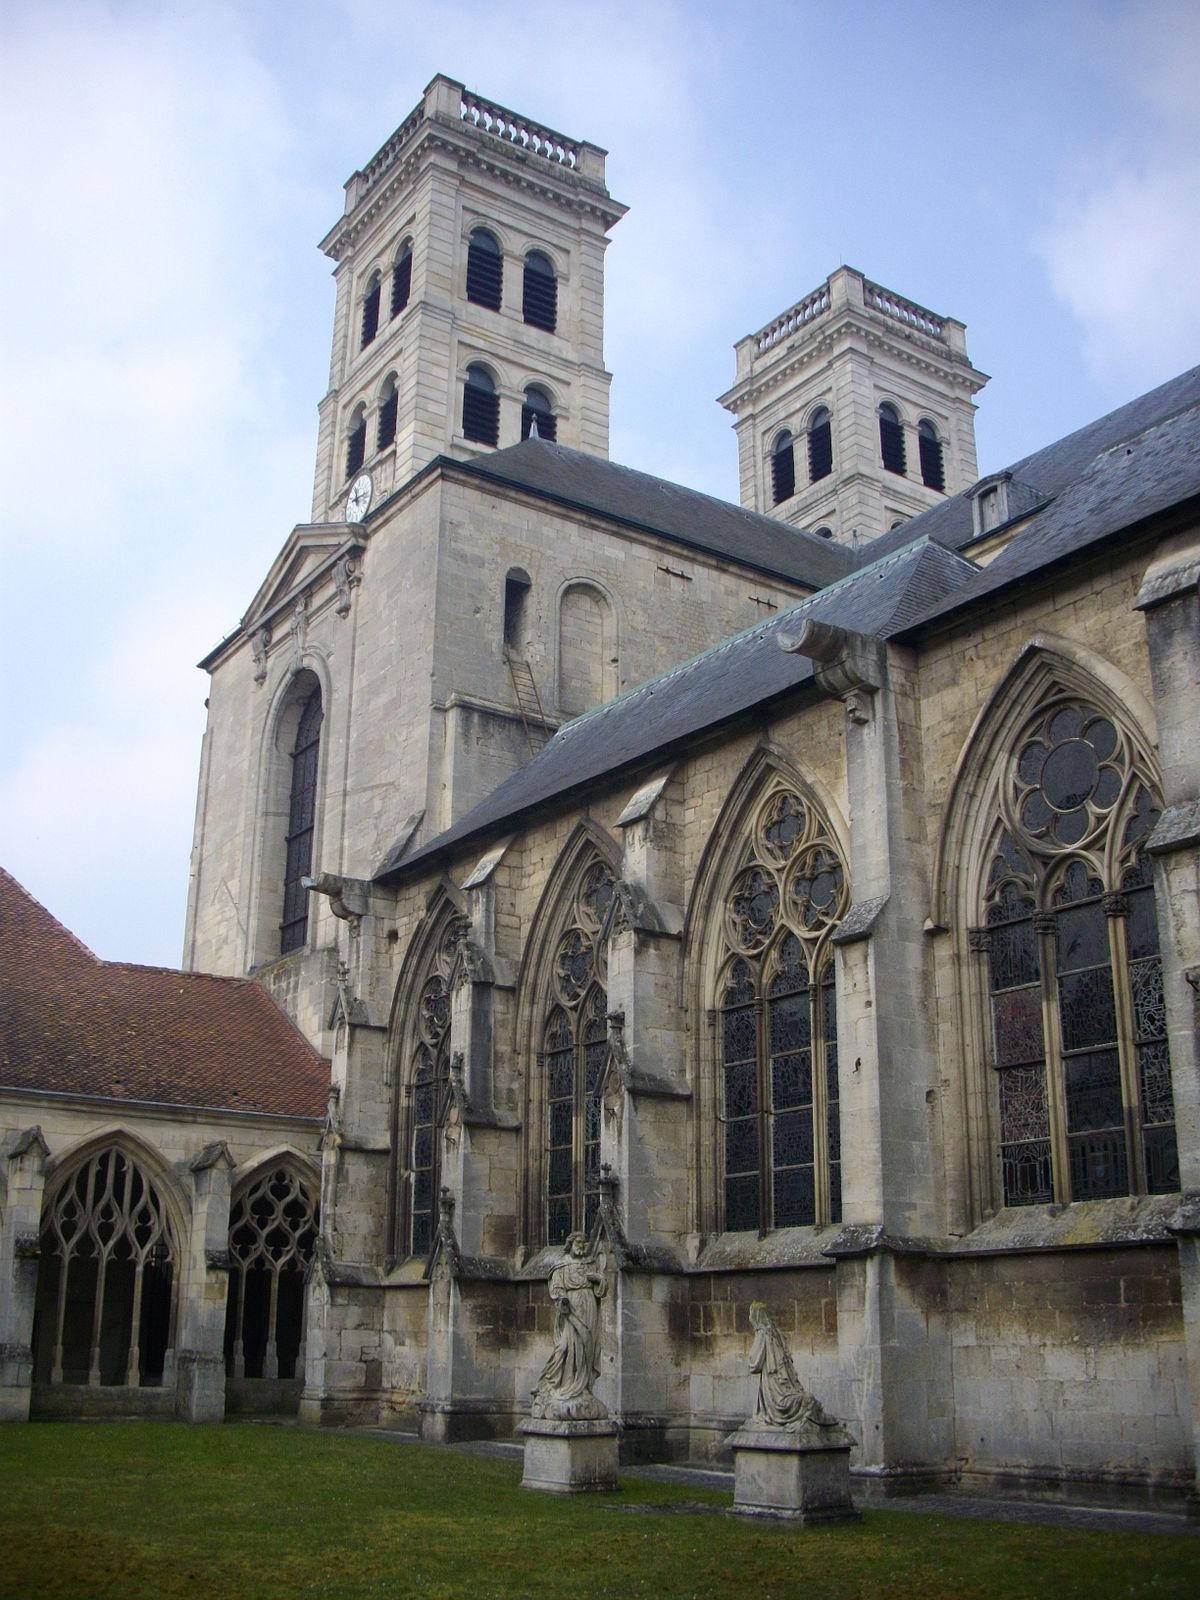 Le Jardin D été Carcassonne Charmant Cathédrale Notre Dame De Verdun — Wikipédia